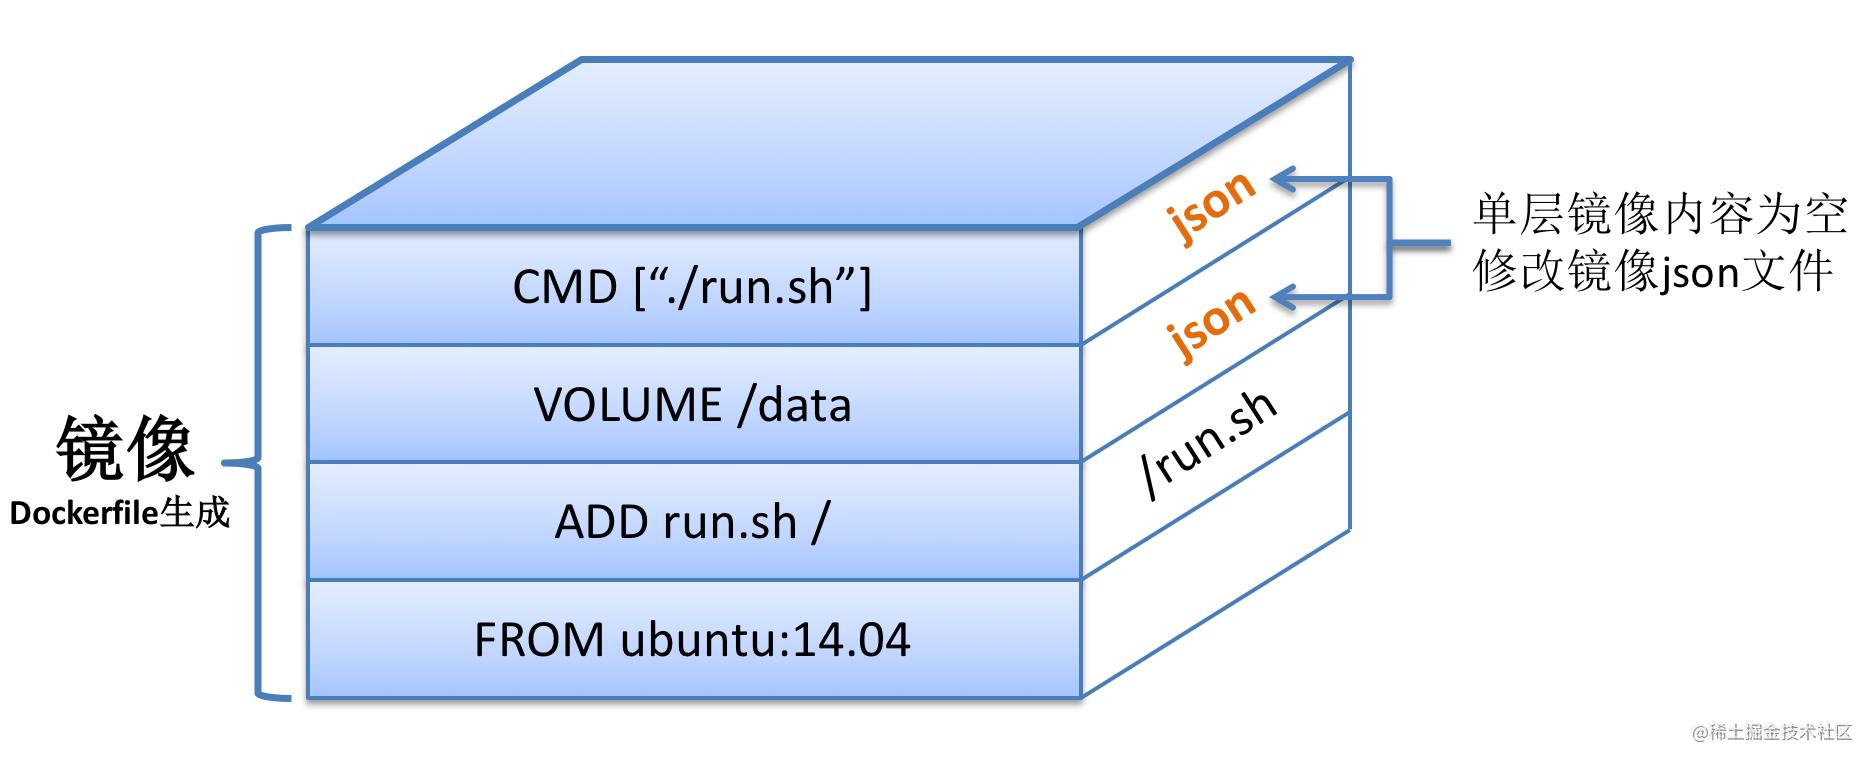 Docker镜像示意图